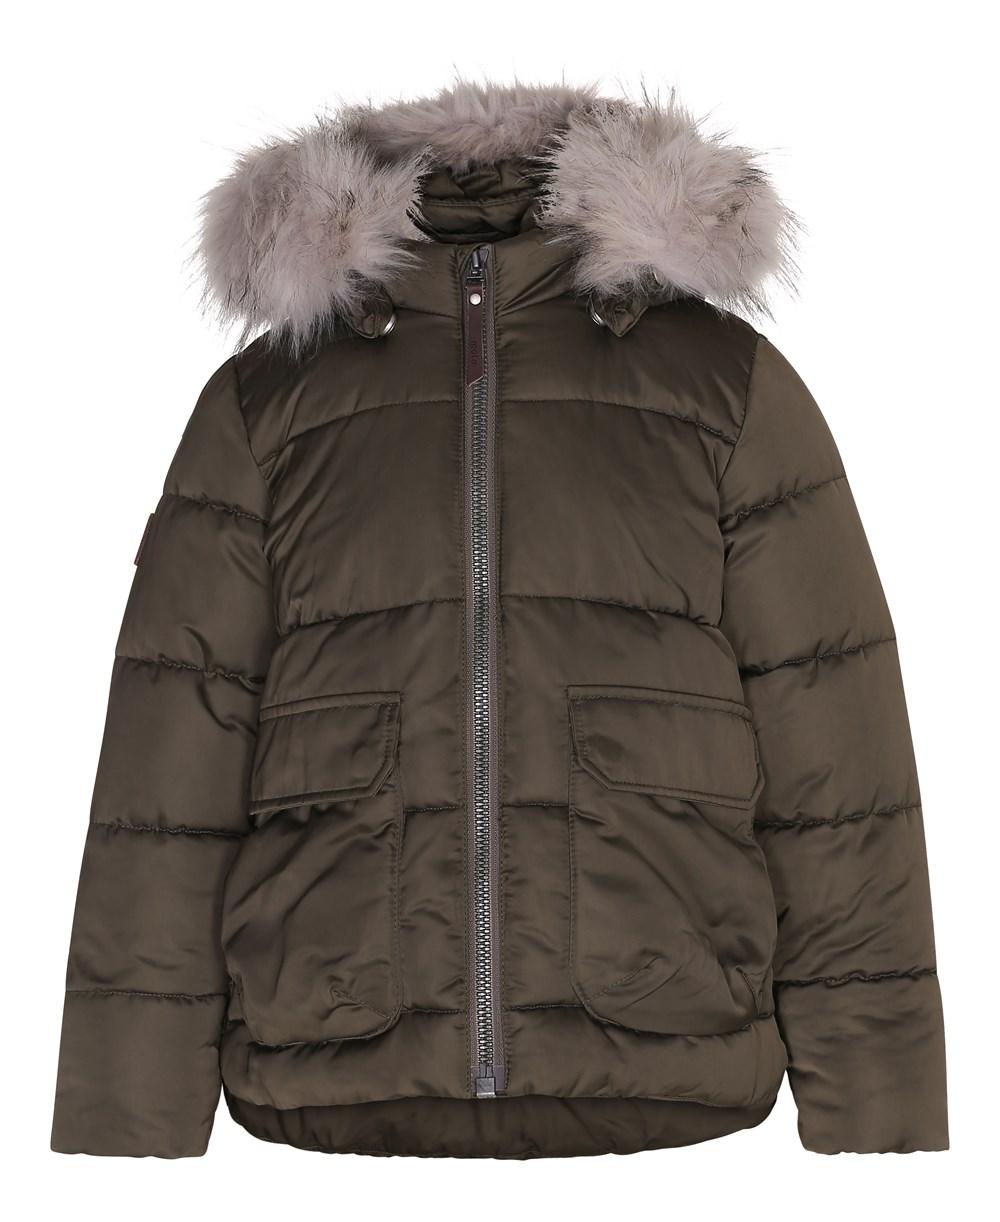 Hera - Tarmac - Green jacket